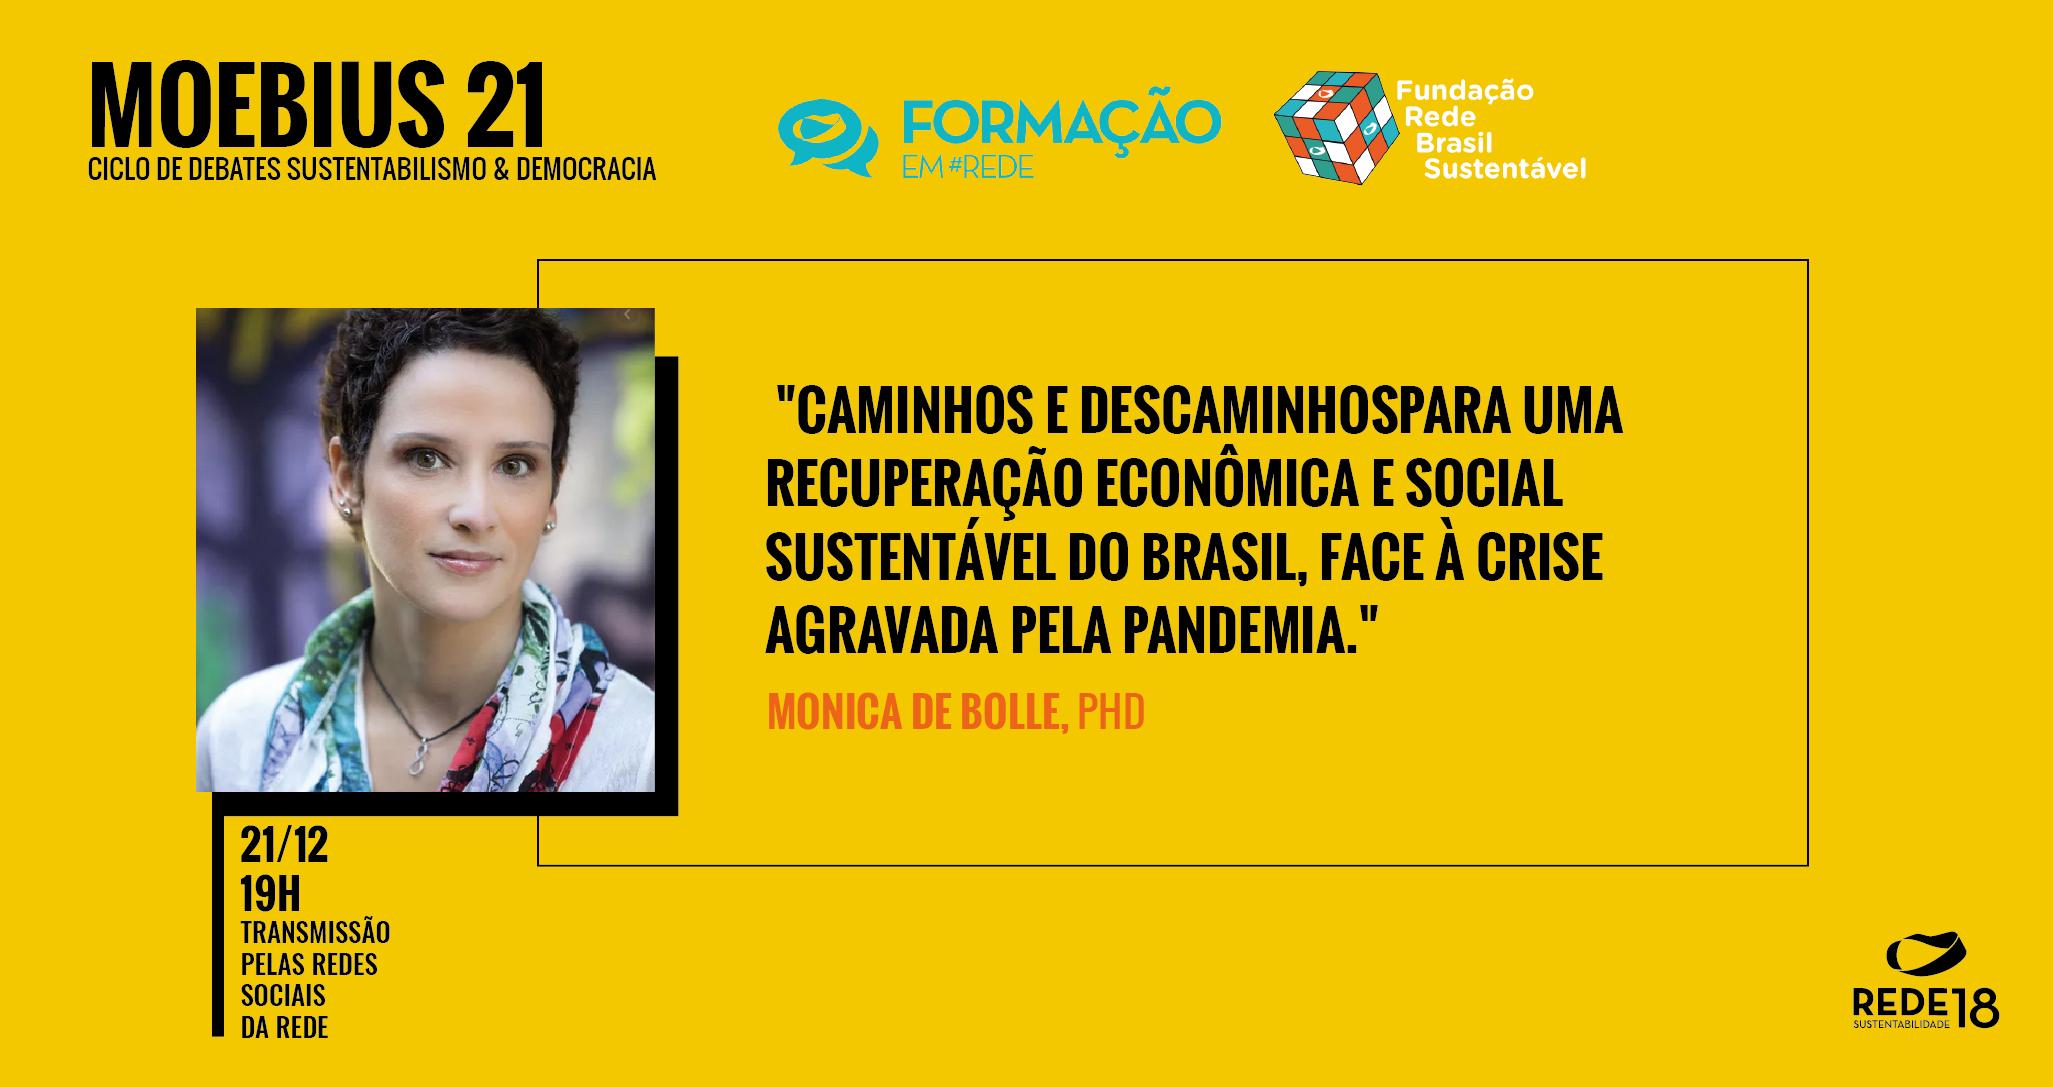 MOEBIUS 21 – Ciclo de Debates Sustentabilismo e Democracia